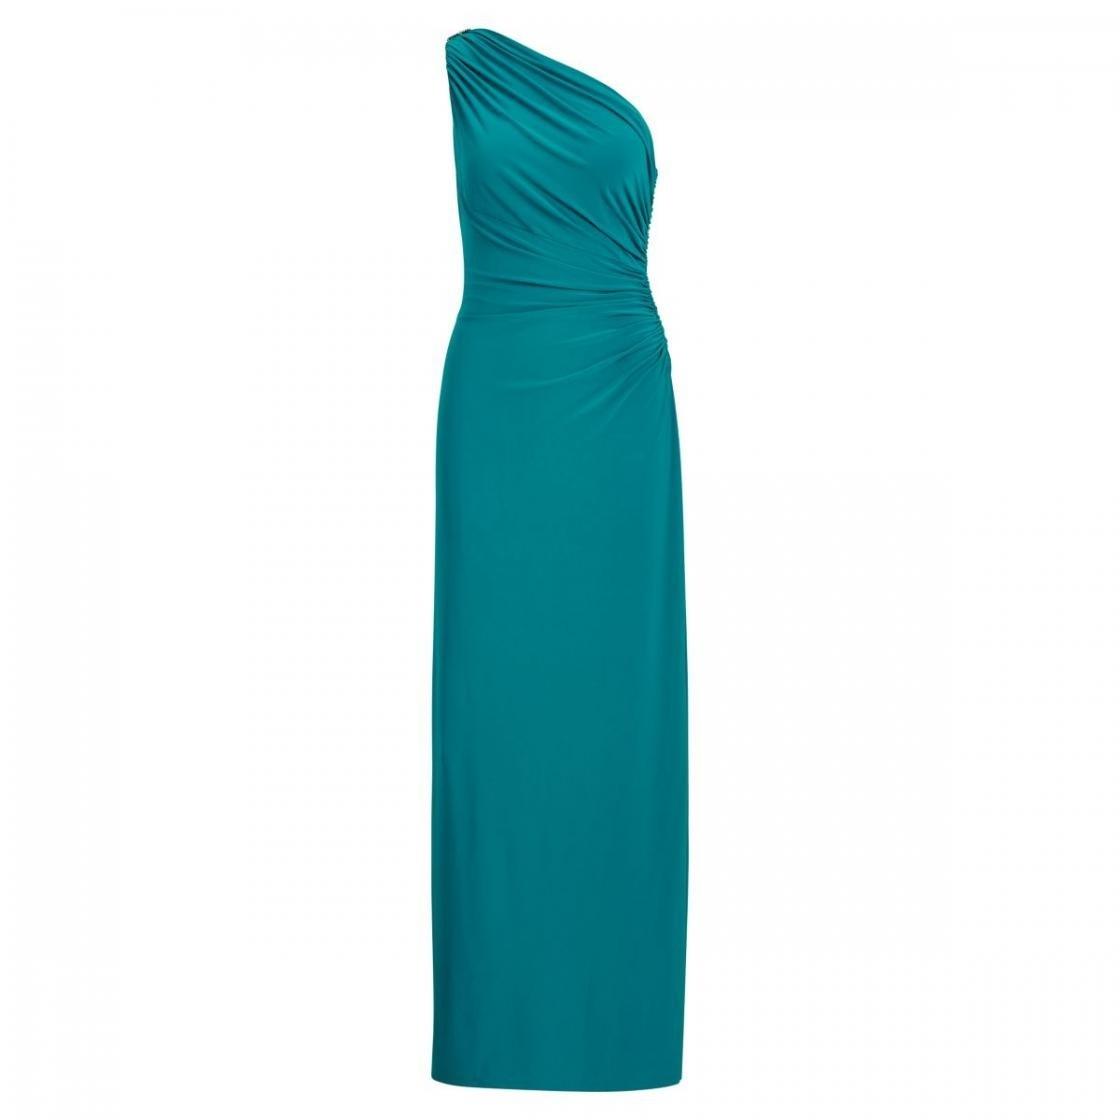 Designer Coolste Kleid Blau Grün StylishFormal Kreativ Kleid Blau Grün für 2019